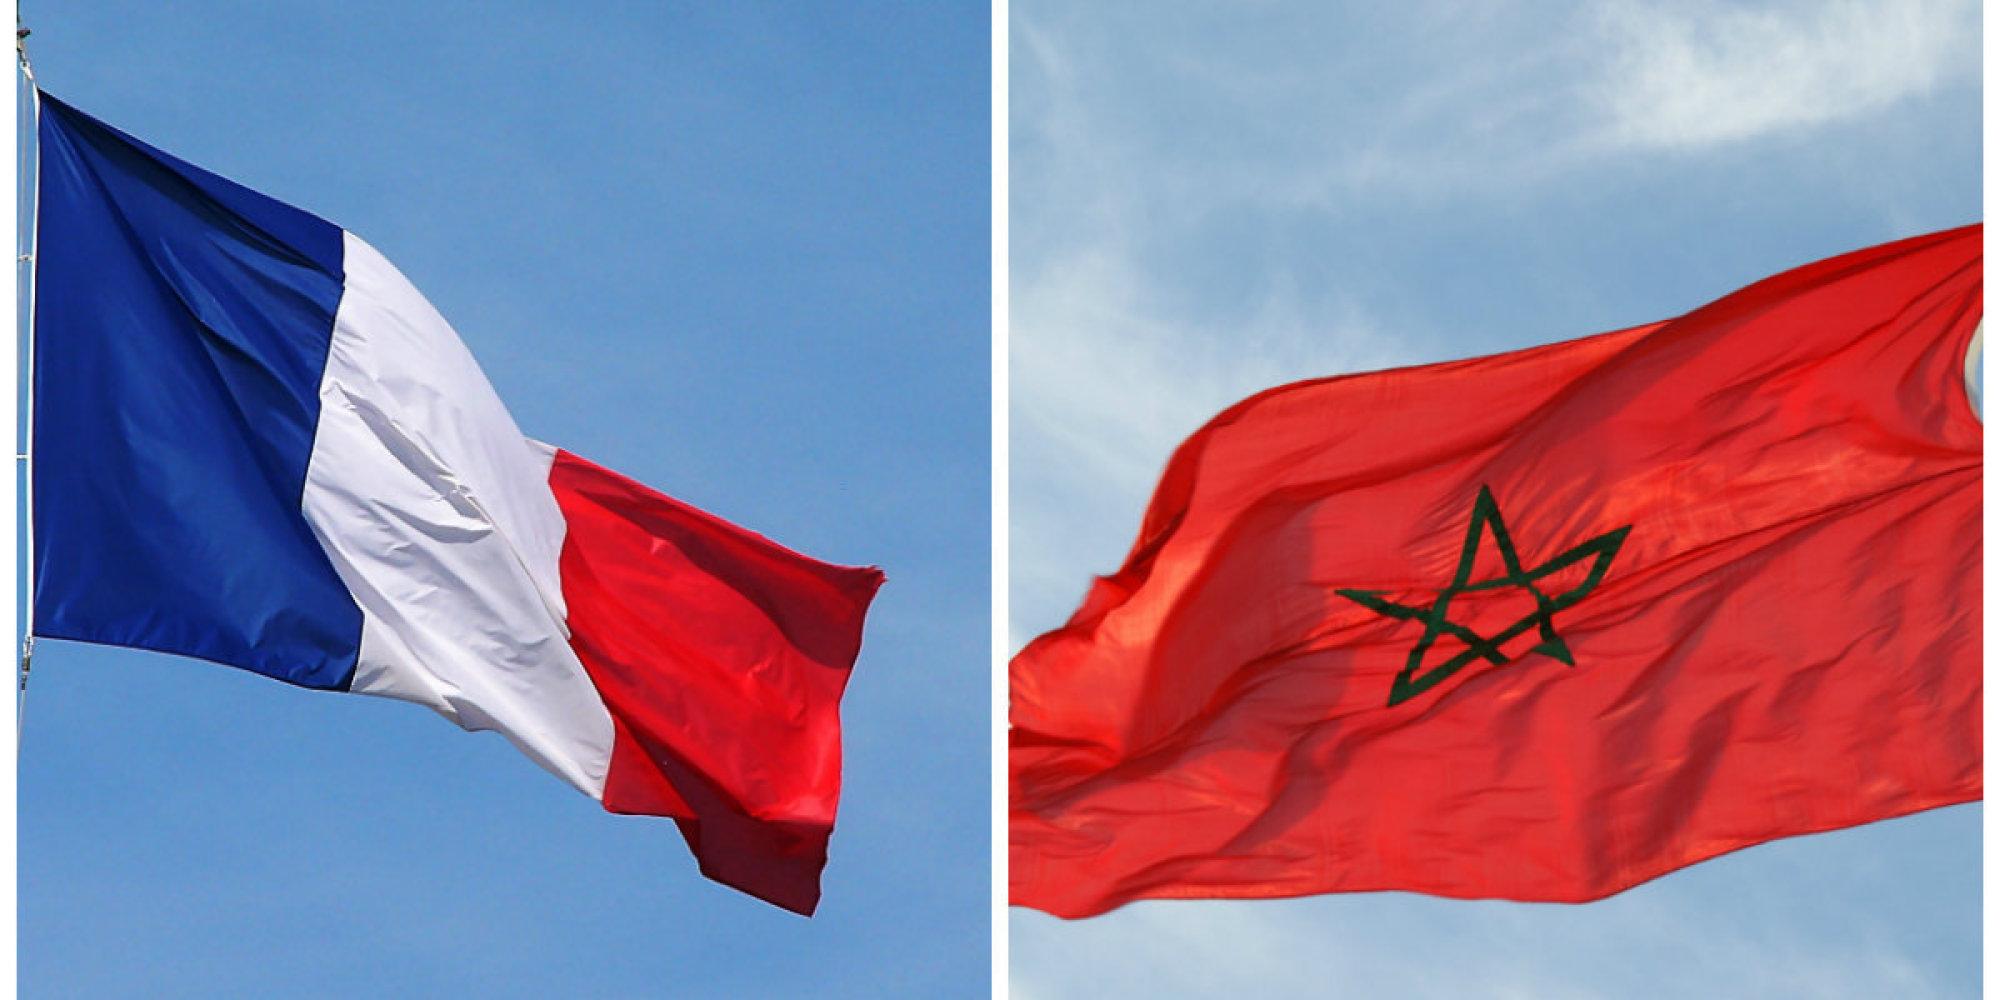 """القنصلية الفرنسية بالمغرب تكشف عن موقعها الجديد الخاص بـ""""الفيزا"""""""